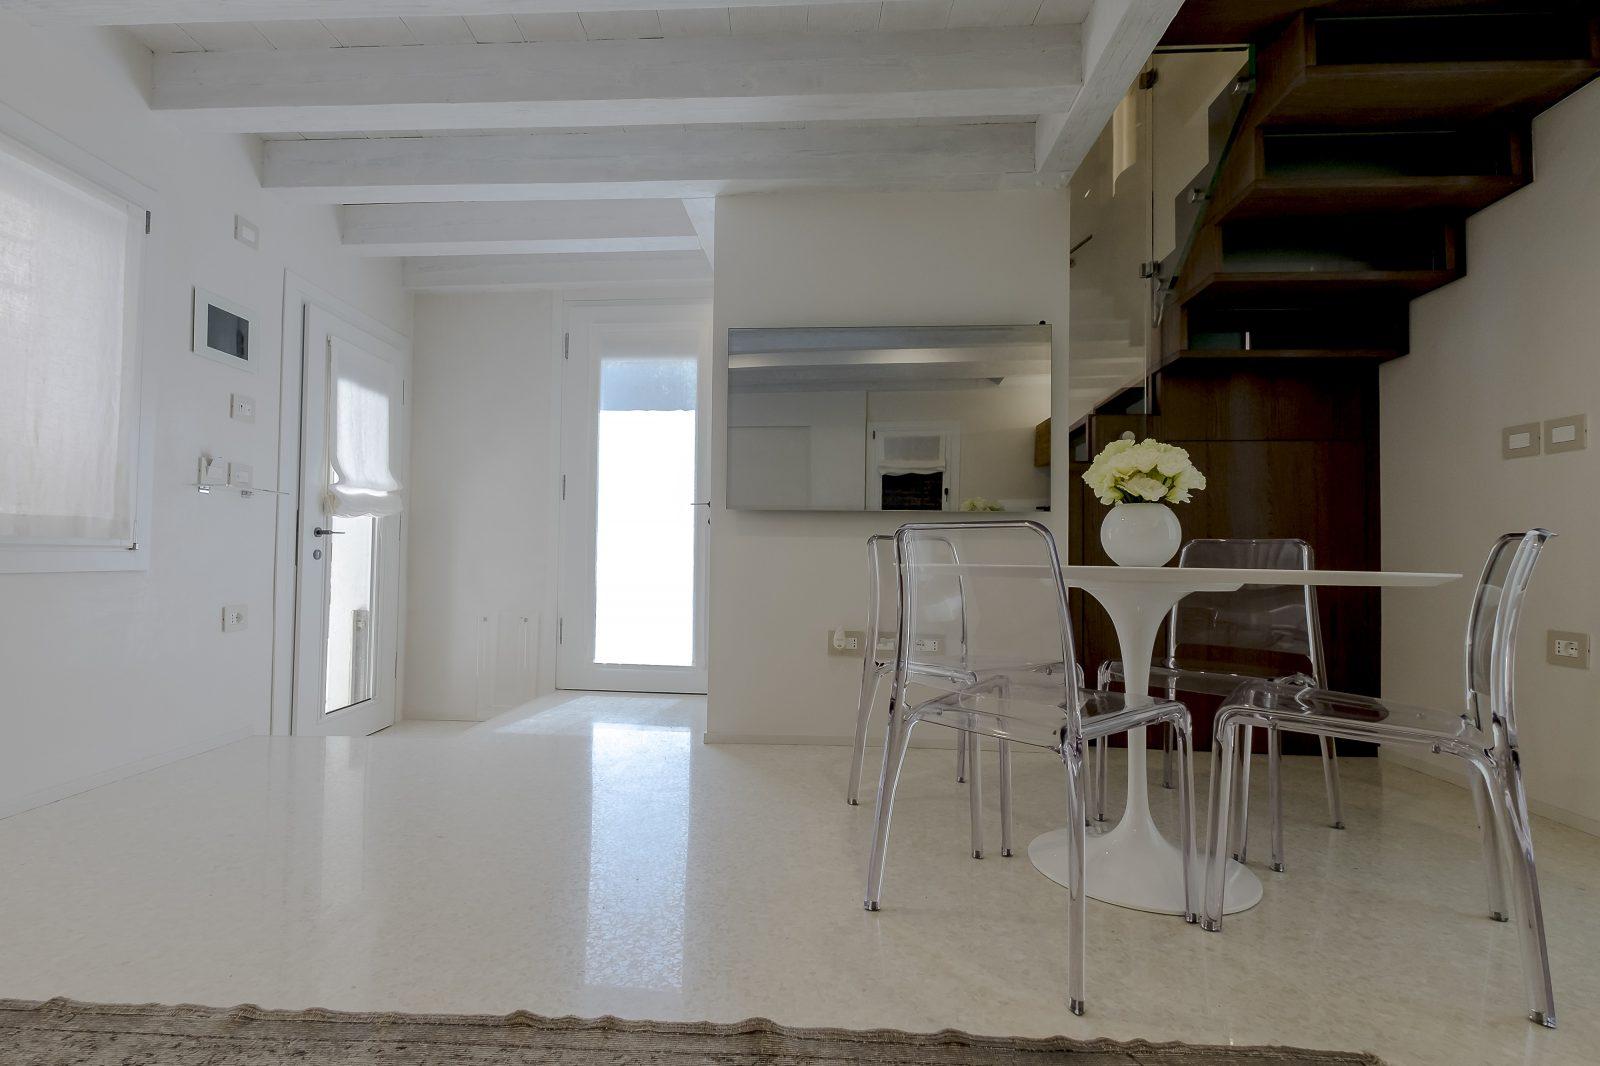 tavolo-sedie-appartamento-mirto-salotto-bianco-design-venezia-palazzo-morosini-soggiorno